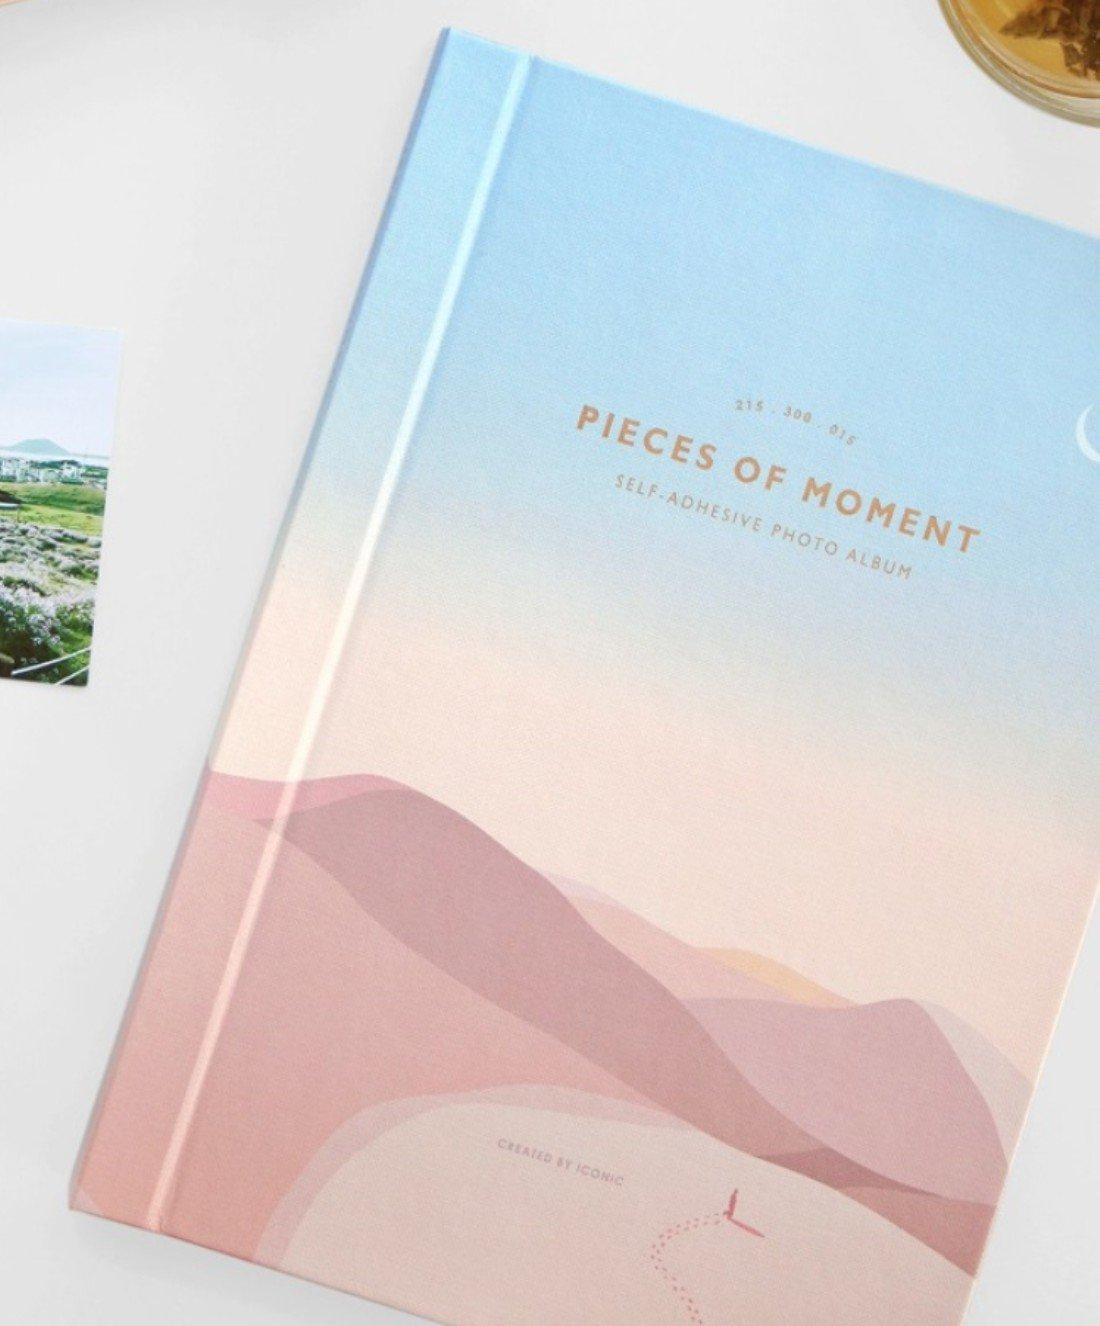 Ikonische Stücke von Moment Fotoalbum, selbstklebend Flamingo ICONIC